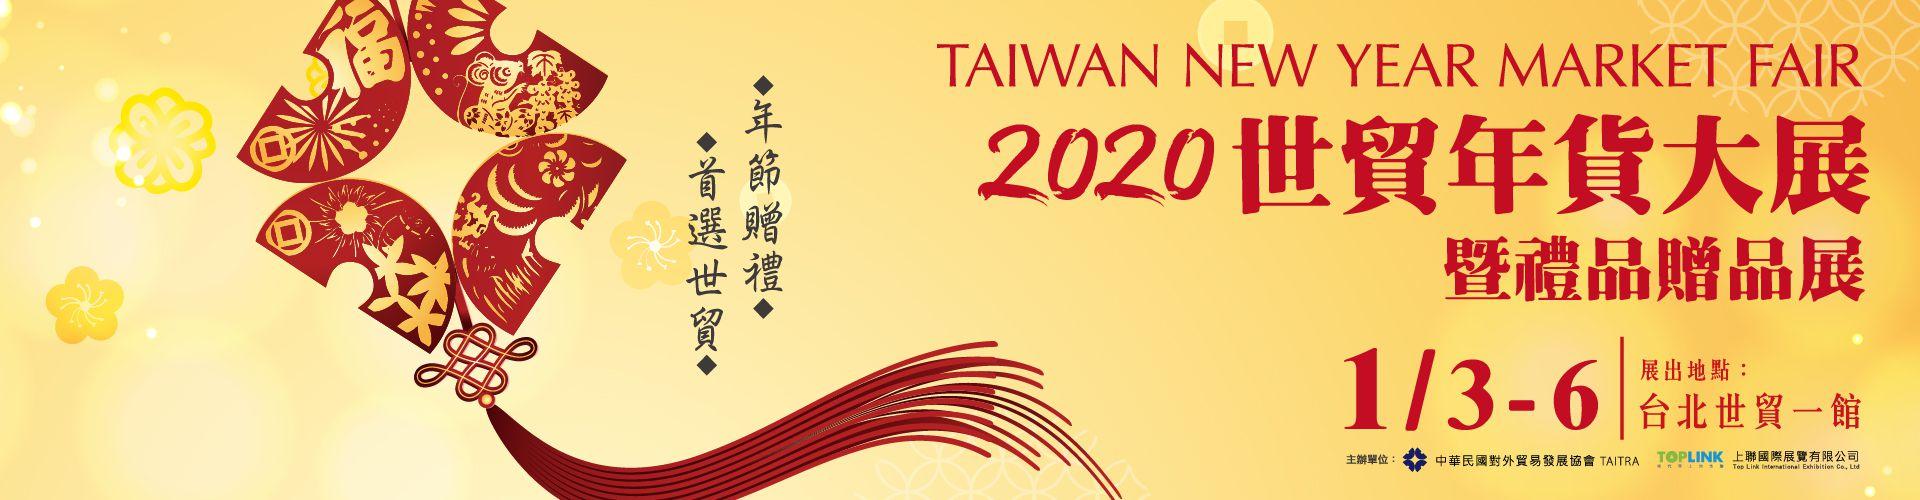 2020 世貿年貨大展暨禮品贈品展